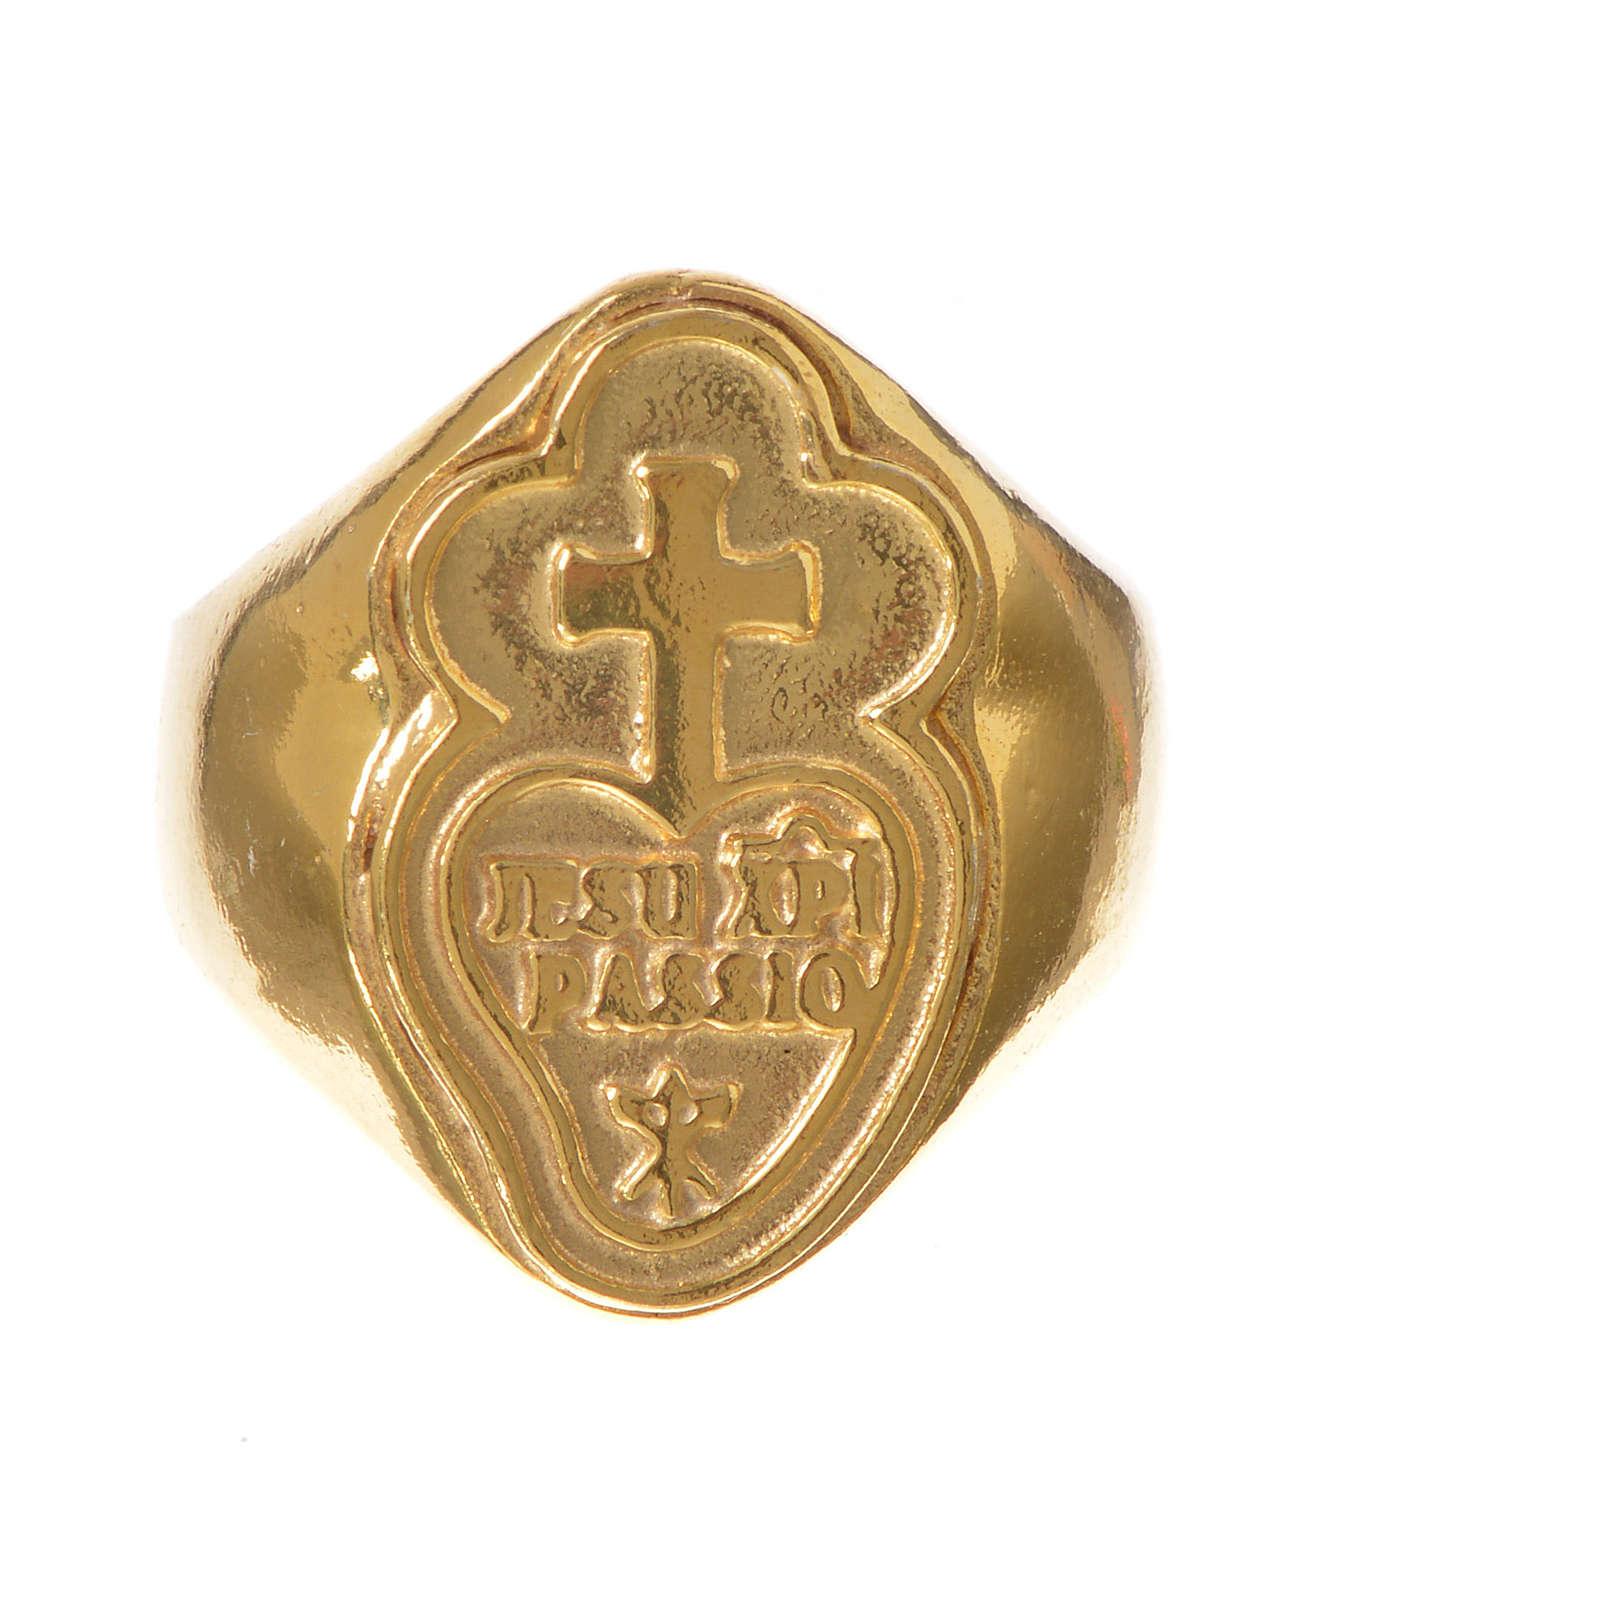 Bischofsring Silber 925 Passionisten 3